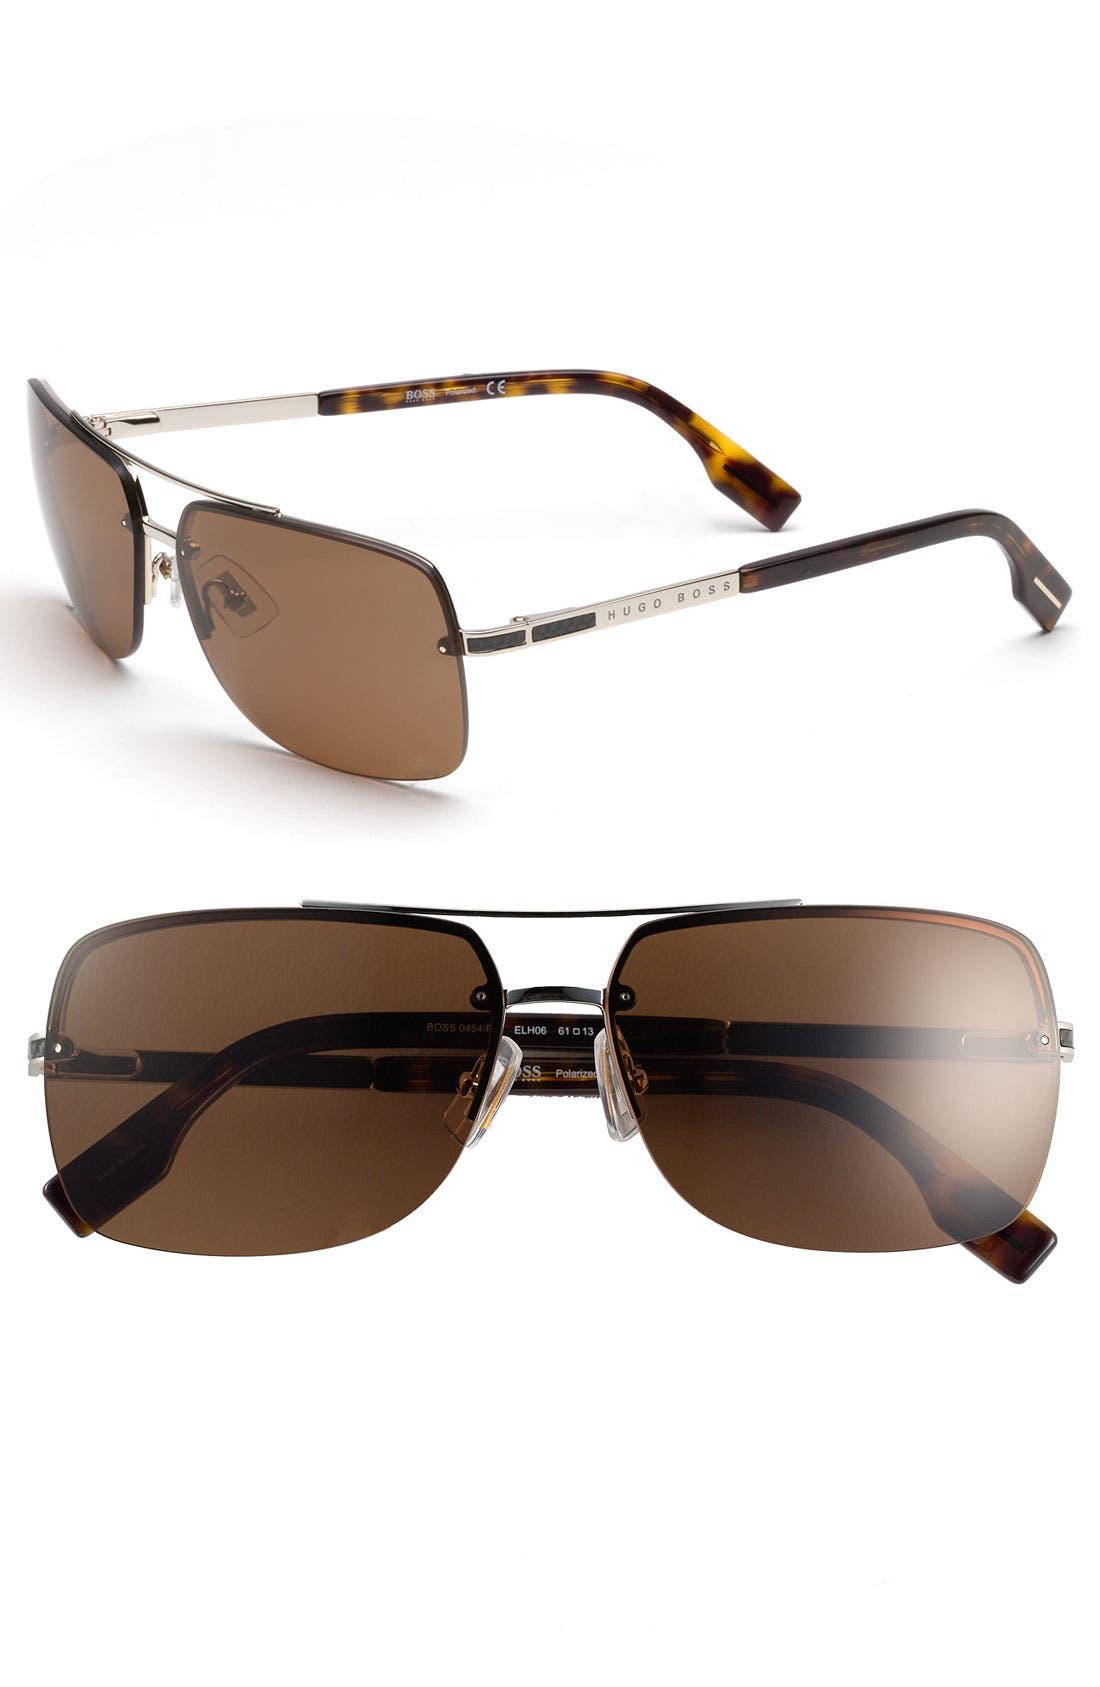 Alternate Image 1 Selected - BOSS HUGO BOSS 61mm Polarized Navigator Sunglasses